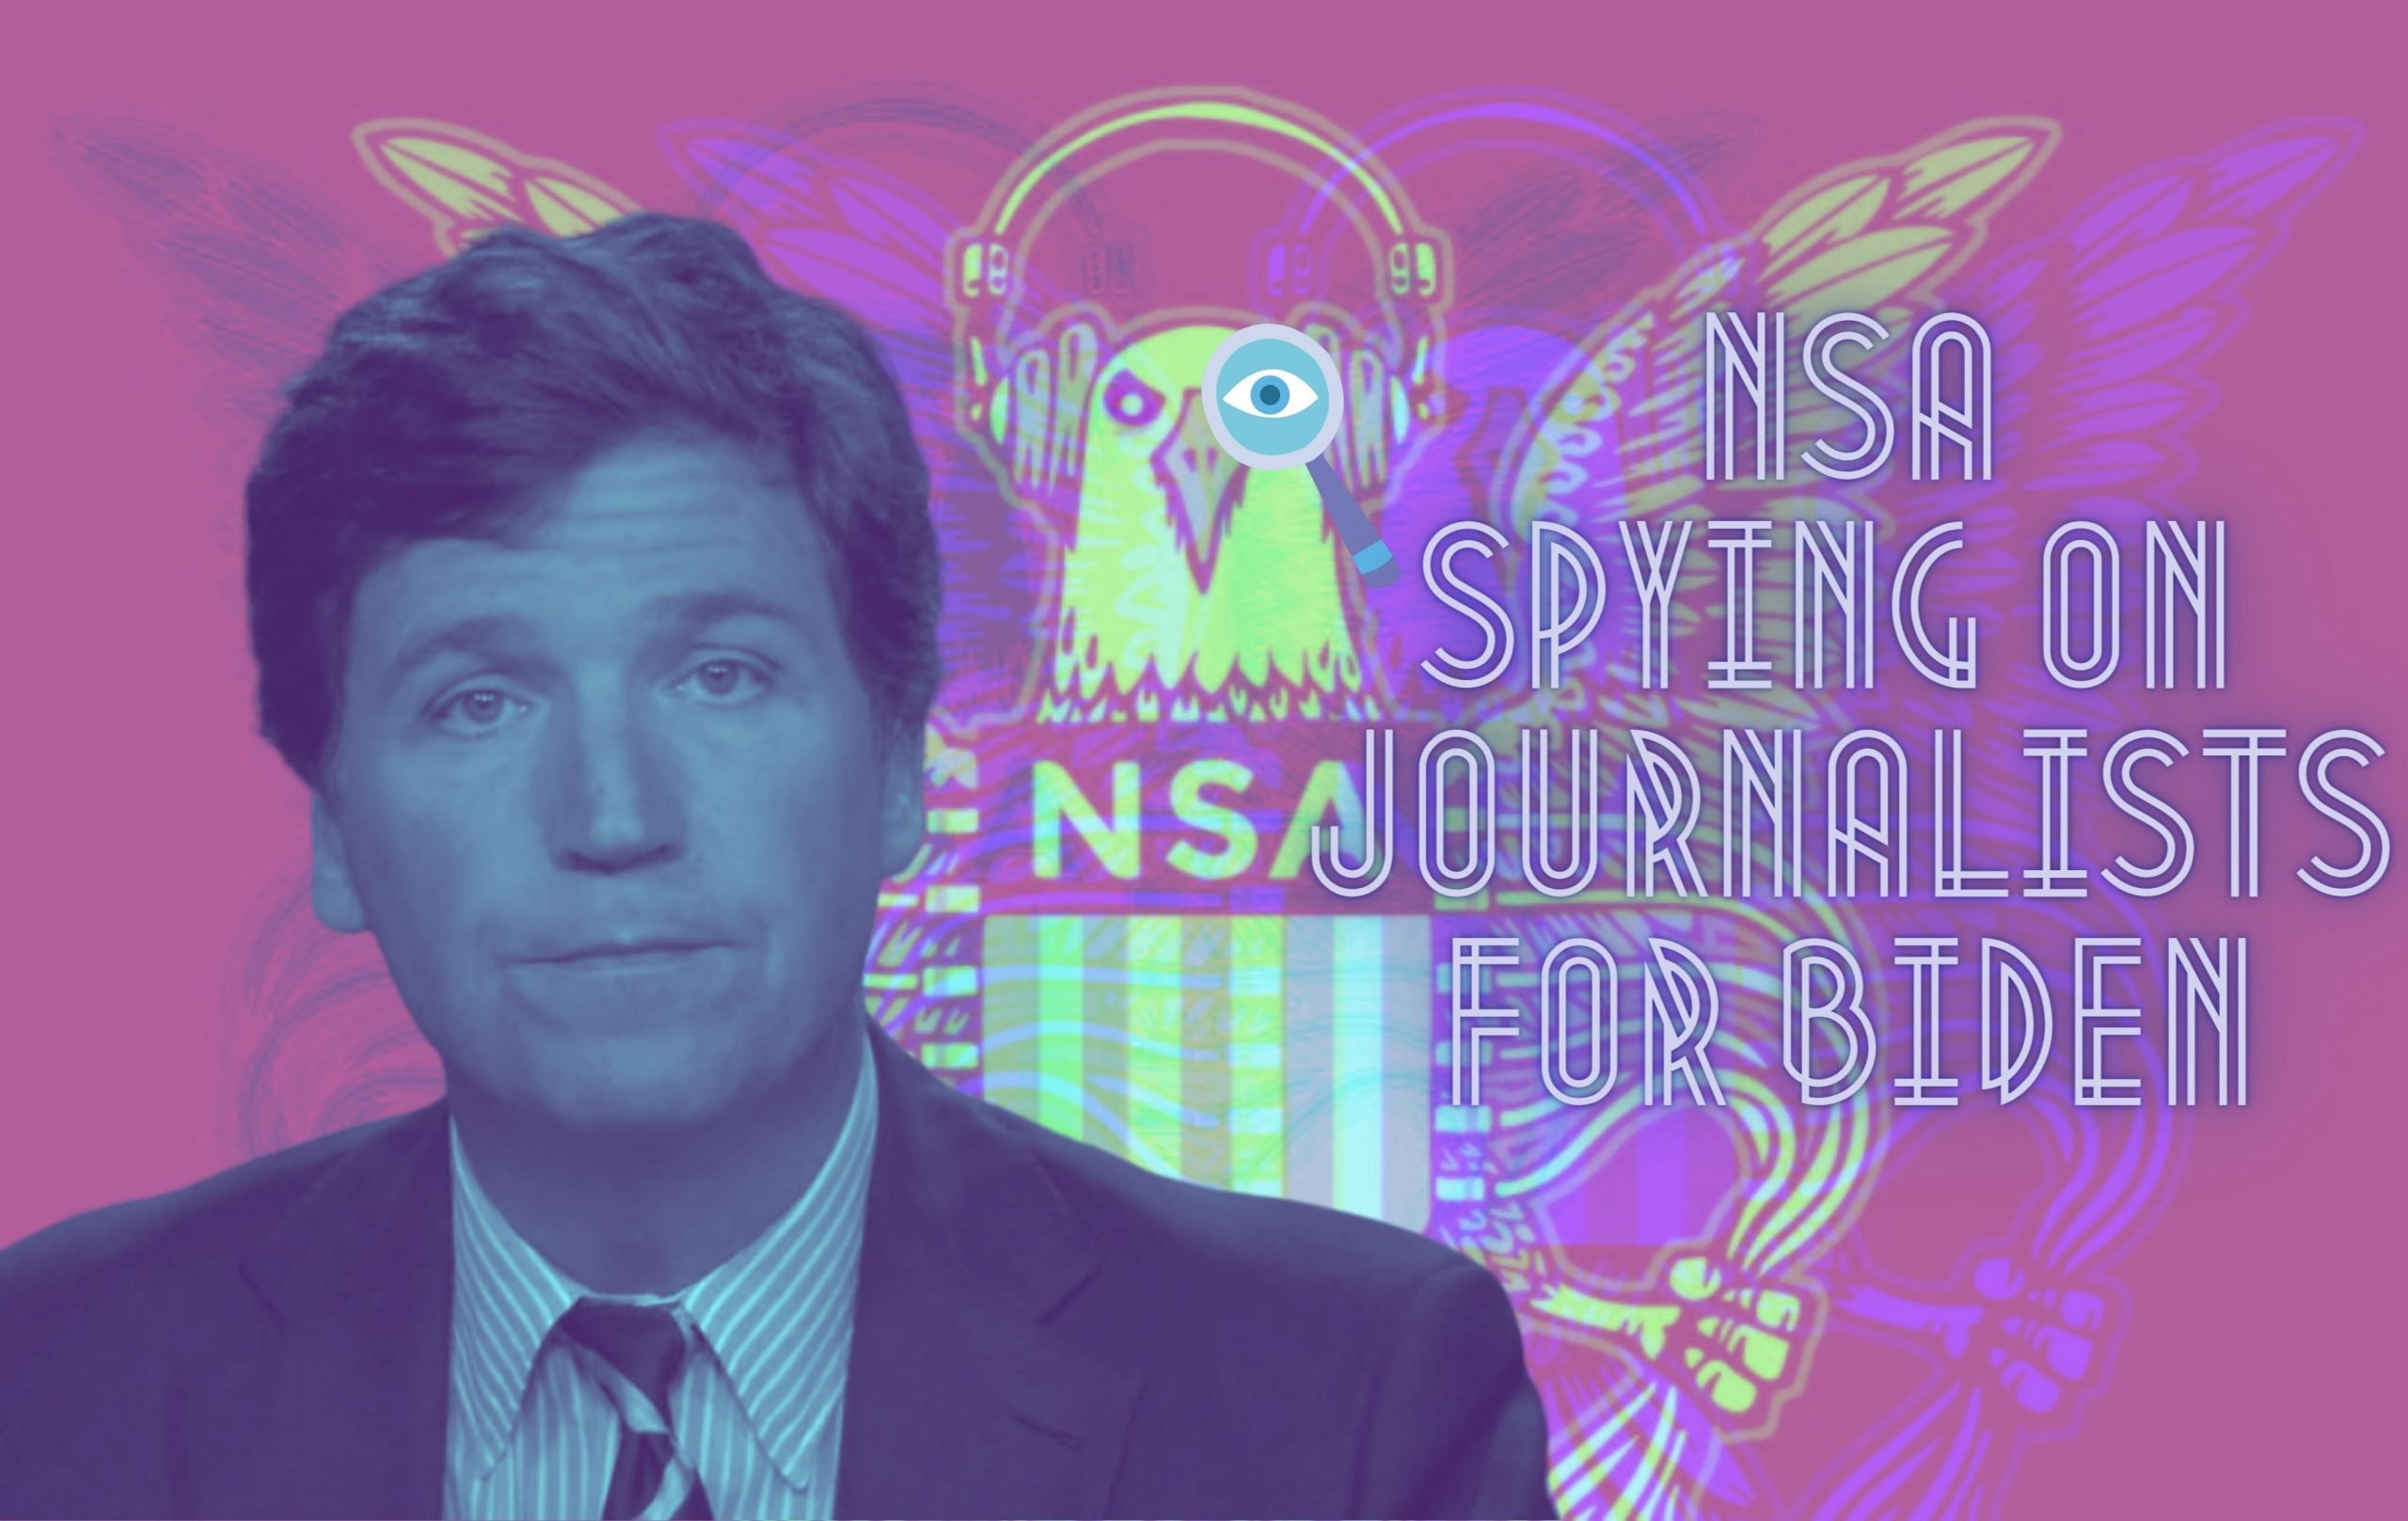 Tucker Carlson: Whistleblower Warned of NSA Spying on Him for Biden Regime